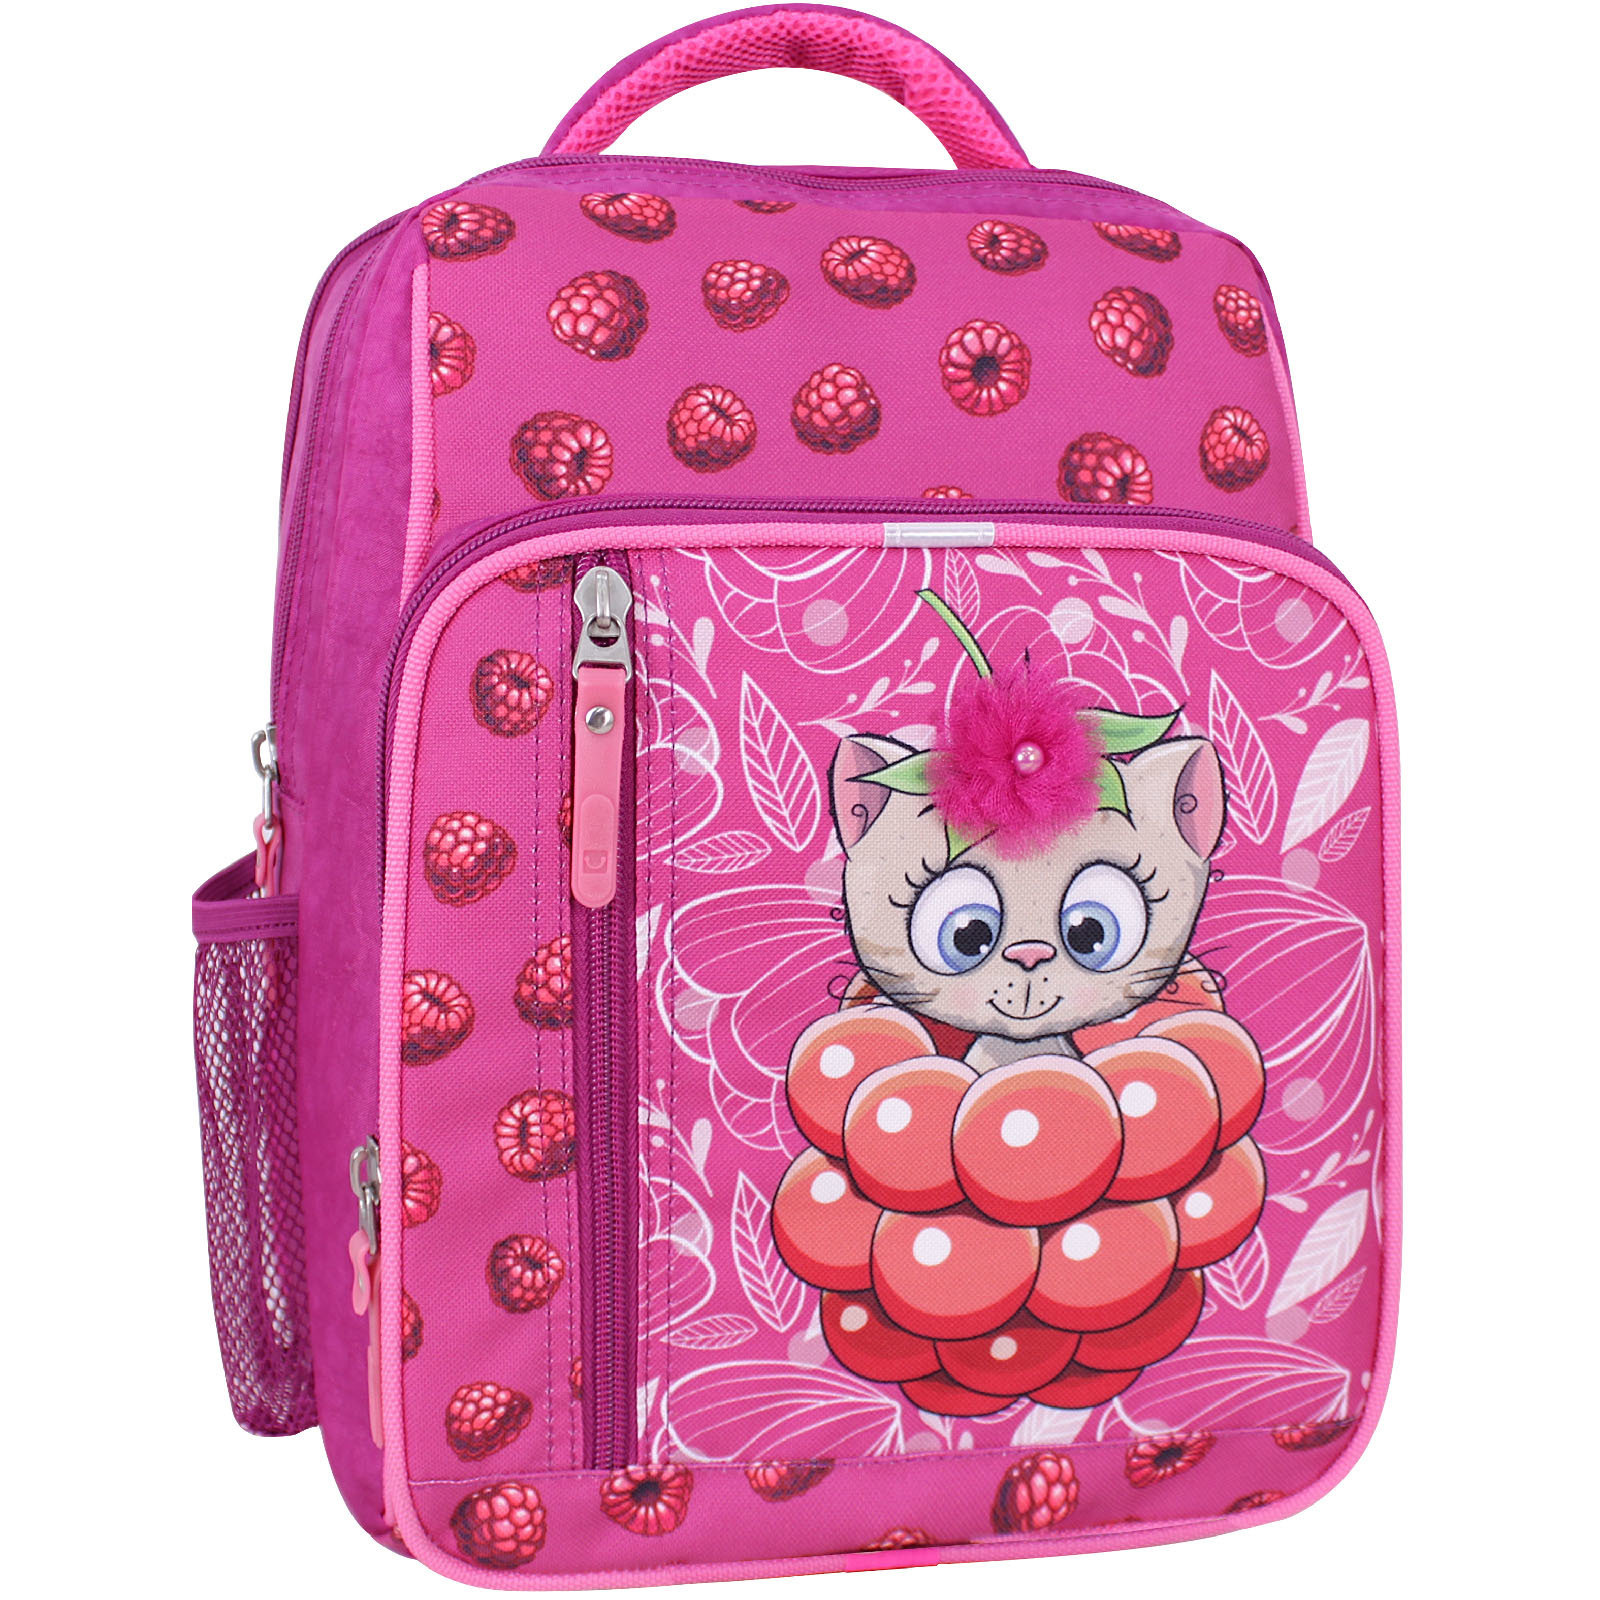 Рюкзак школьный Bagland Школьник 8 л. малиновый 899 (0012870)